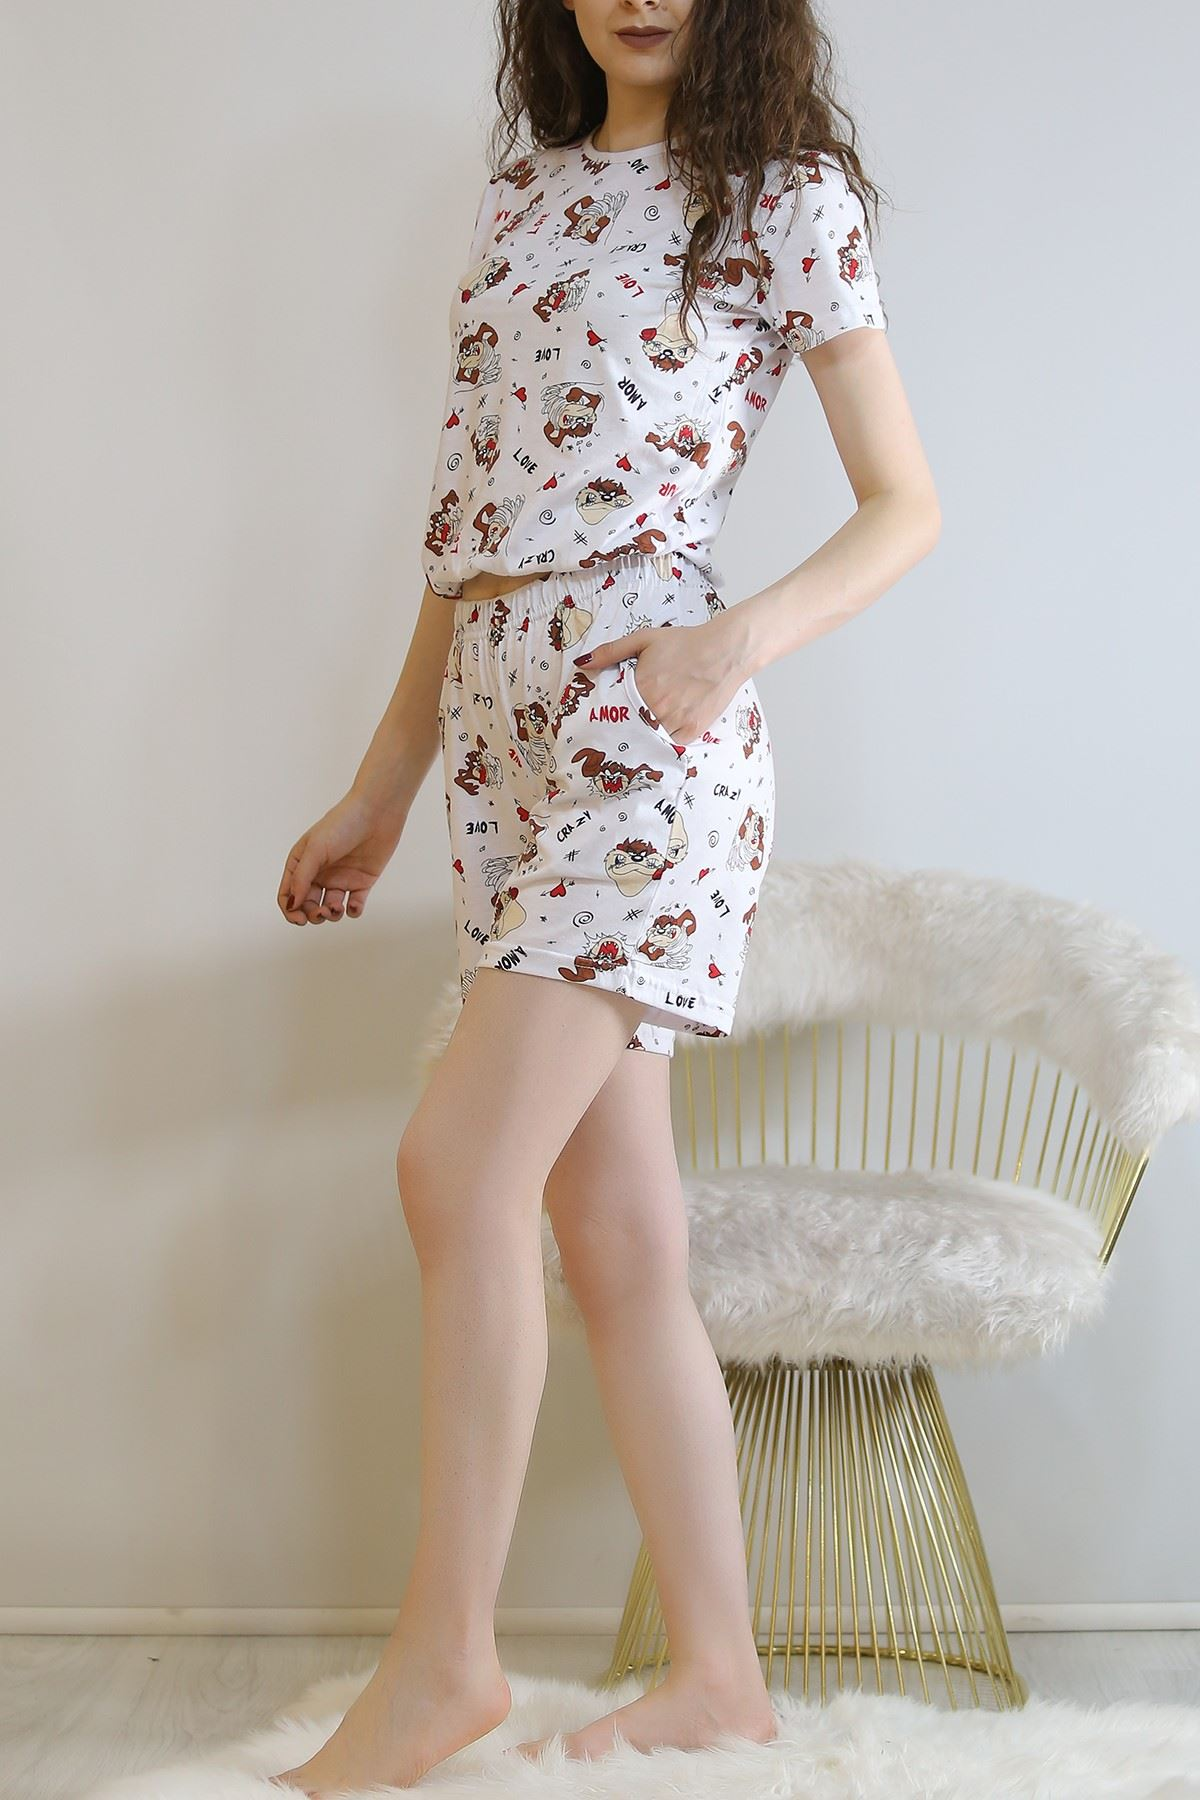 Şortlu Pijama Takımı Beyazkahve - 5924.1059.